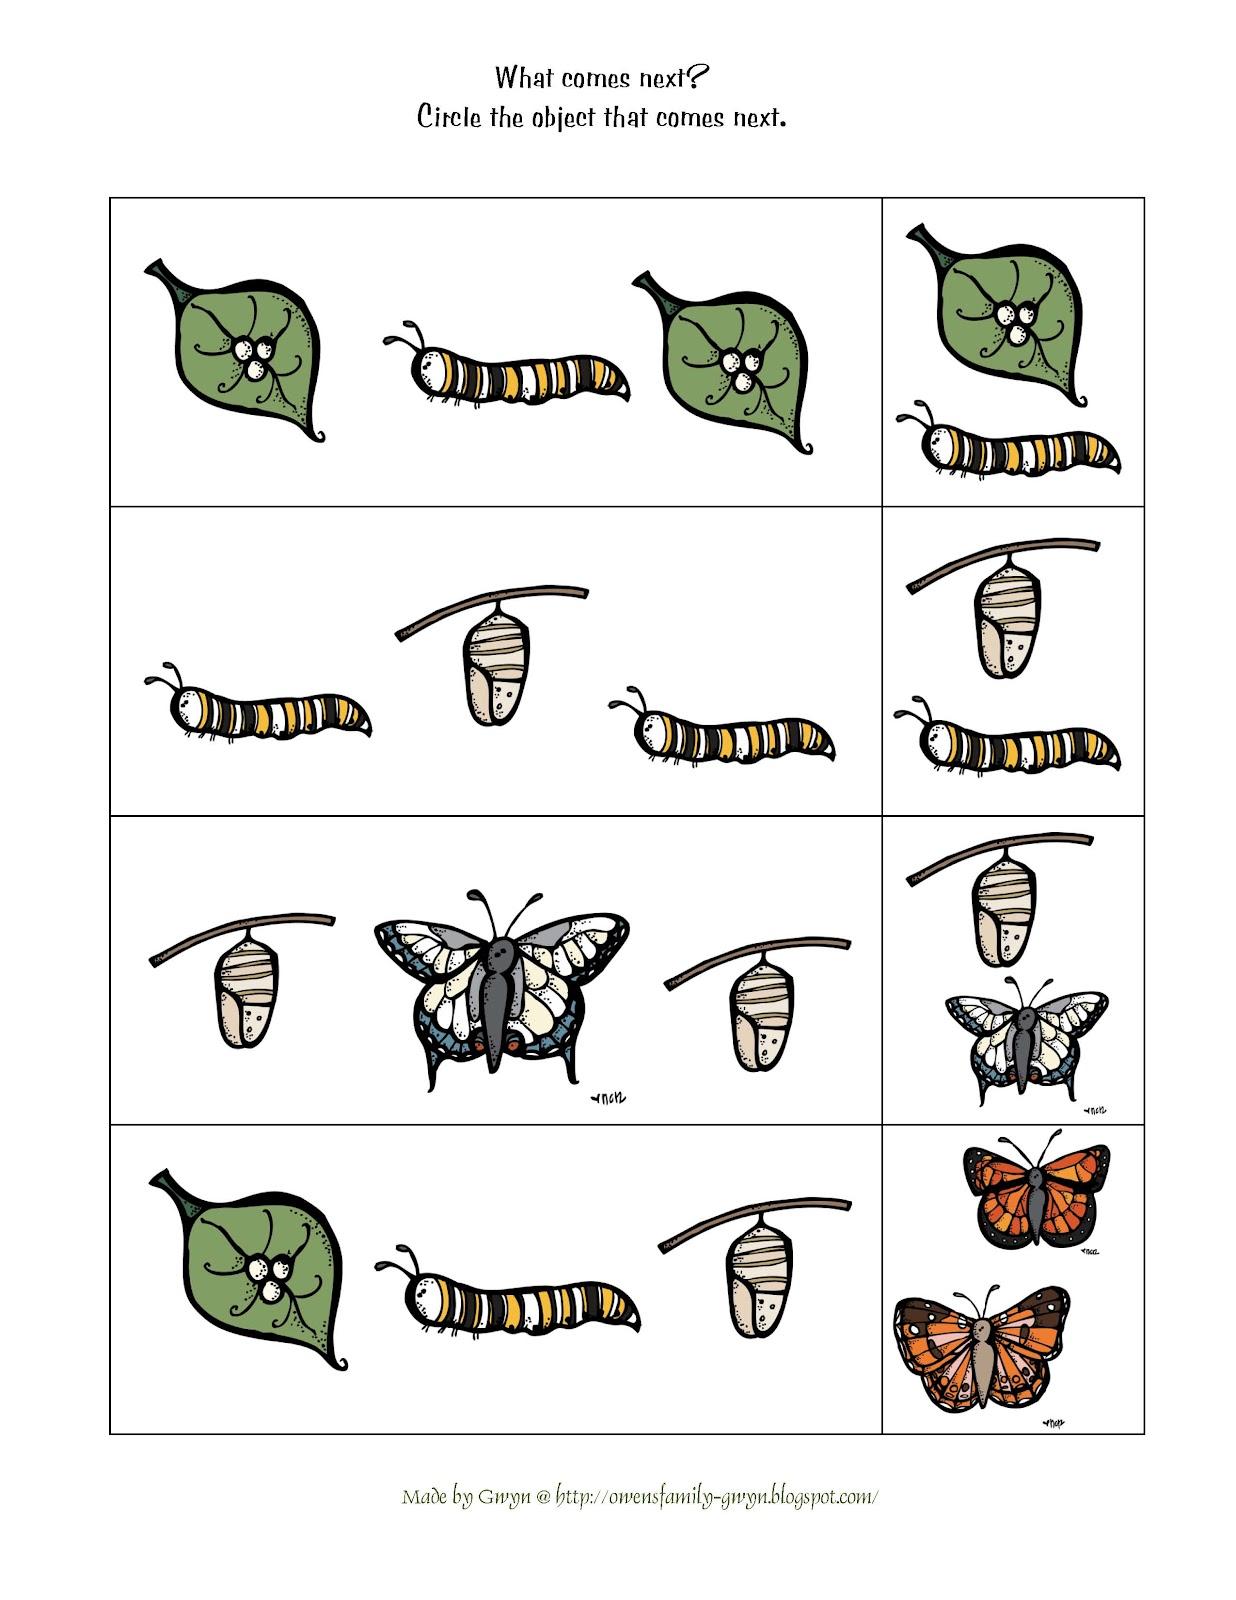 カレンダー 2013年カレンダー六曜 : Butterfly Life Cycle Printable